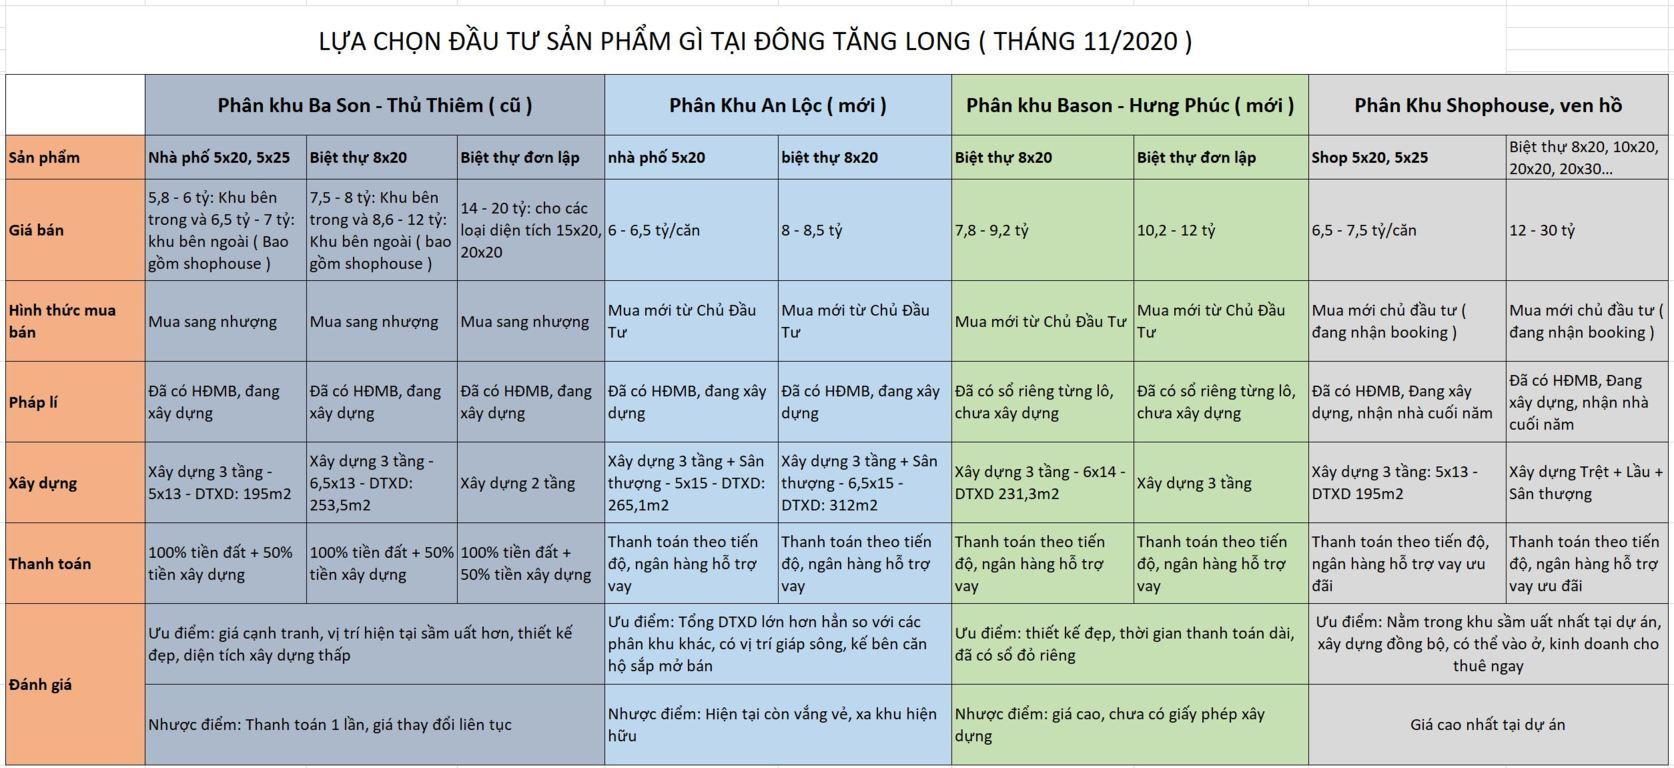 Đầu tư gì tại Đông Tăng Long tháng 11/2020